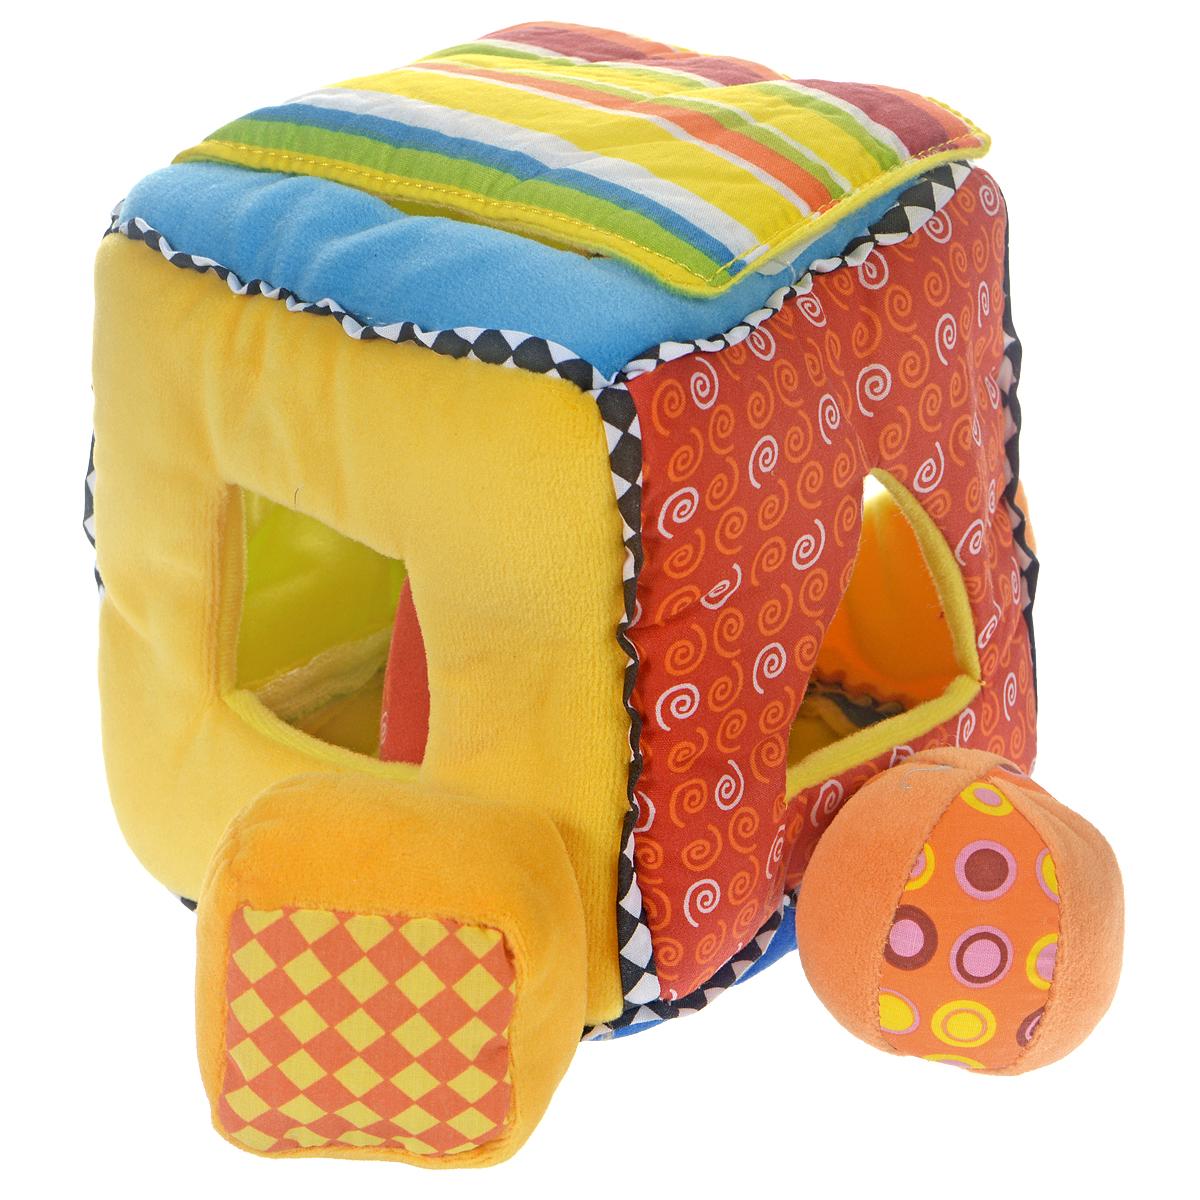 Мягкий кубик-сортерB-8013Мягкий кубик-сортер непременно понравится вашему малышу и надолго займет его внимание. Он выполнен из текстильного материала разных фактур в виде кубика. Также в комплект входят четыре элемента в виде квадрата, цилиндра, мячика и треугольника. На гранях кубика расположены два отверстия в виде круга и отверстия в виде треугольника и квадрата. Задача малыша заключается в том, чтобы опустить игрушки в соответствующие им отверстия. Когда все игрушки окажутся внутри цилиндра, их можно достать, подняв крепящуюся на липучку верхнюю часть кубика. На обратной стороне крышки расположено круглое безопасное зеркальце. Внутри игрушек расположены развивающие элементы: в квадрате - шуршащий элемент, в цилиндре и мячике - погремушки, а в треугольнике - пищалка. Мягкий кубик-сортер способствует развитию у малыша воображения, цветового восприятия, тактильных ощущений, мелкой моторики рук и координации движений, знакомит с понятием формы предмета.